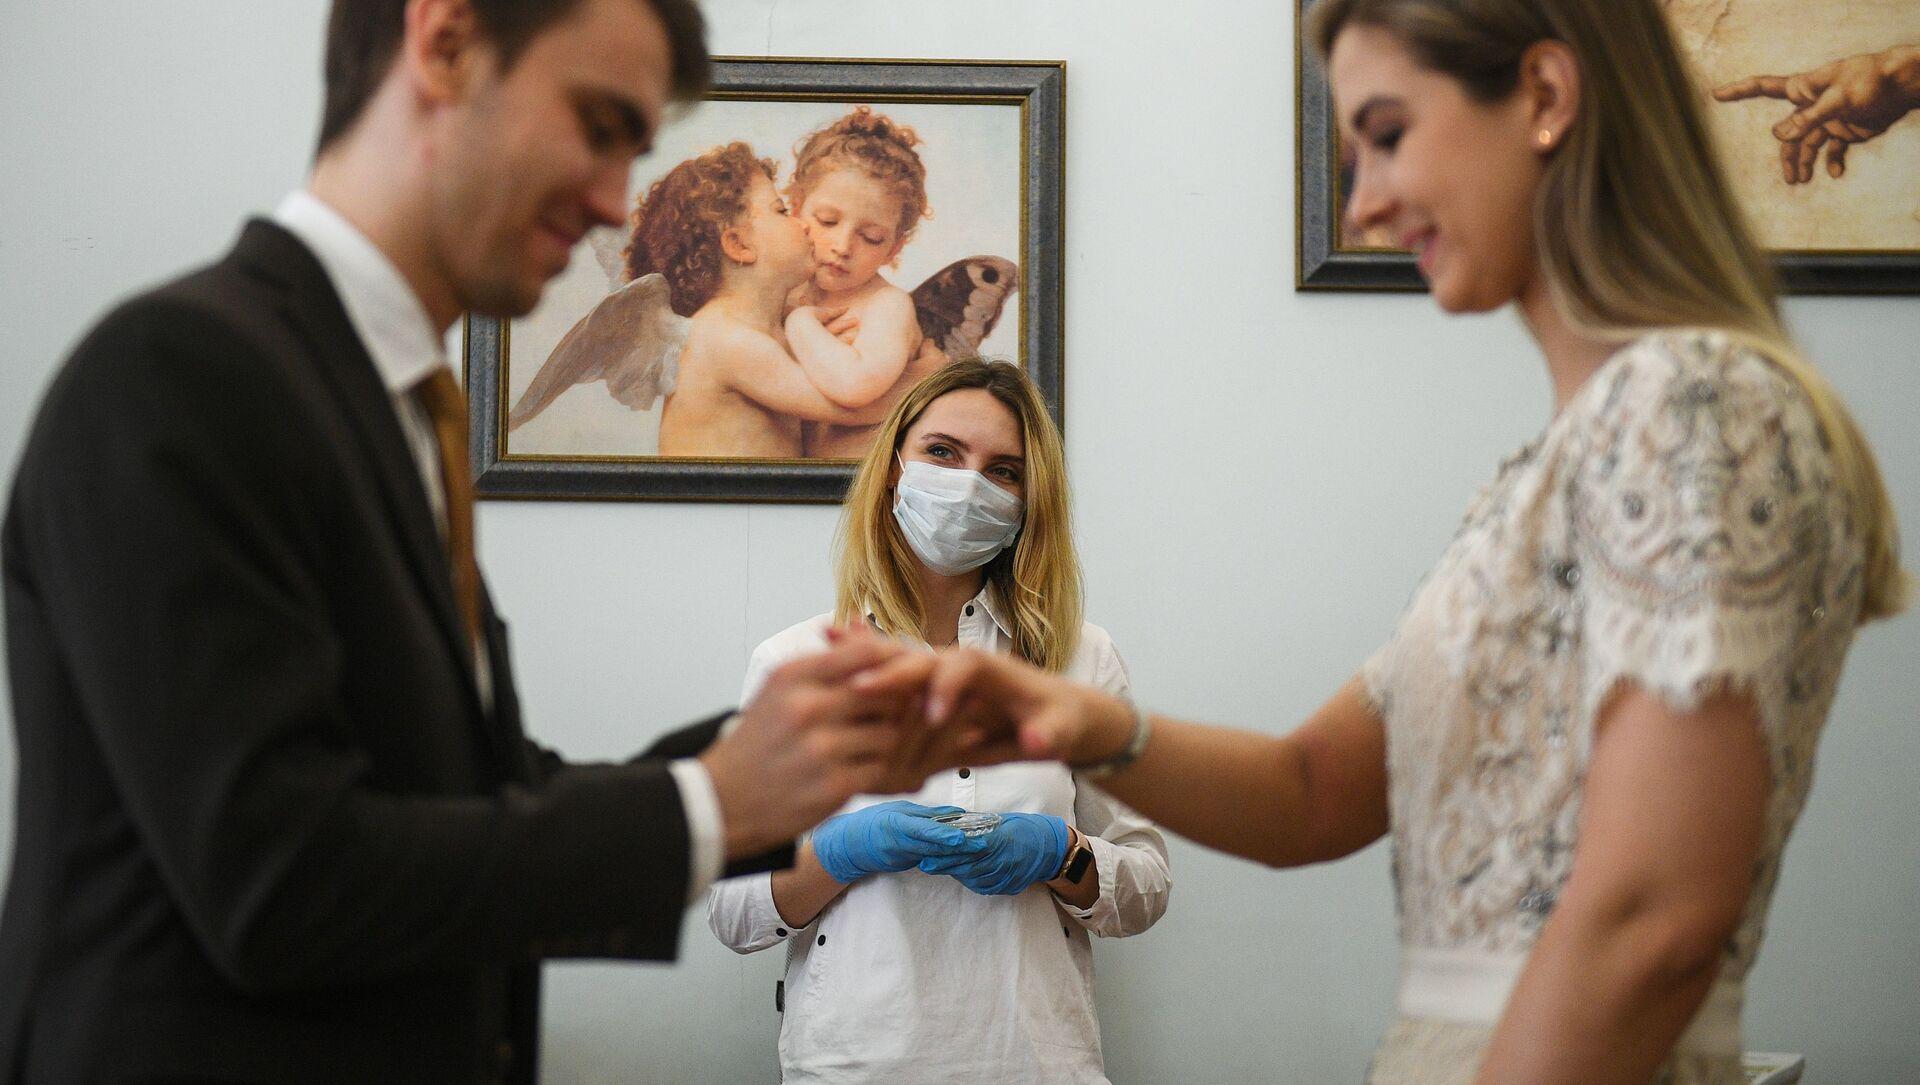 Mosca. Una coppia si scambia gli anelli durante un matrimonio. Proseguono le cerimonie con le regole per la pandemia coronavirus - Sputnik Italia, 1920, 28.04.2021